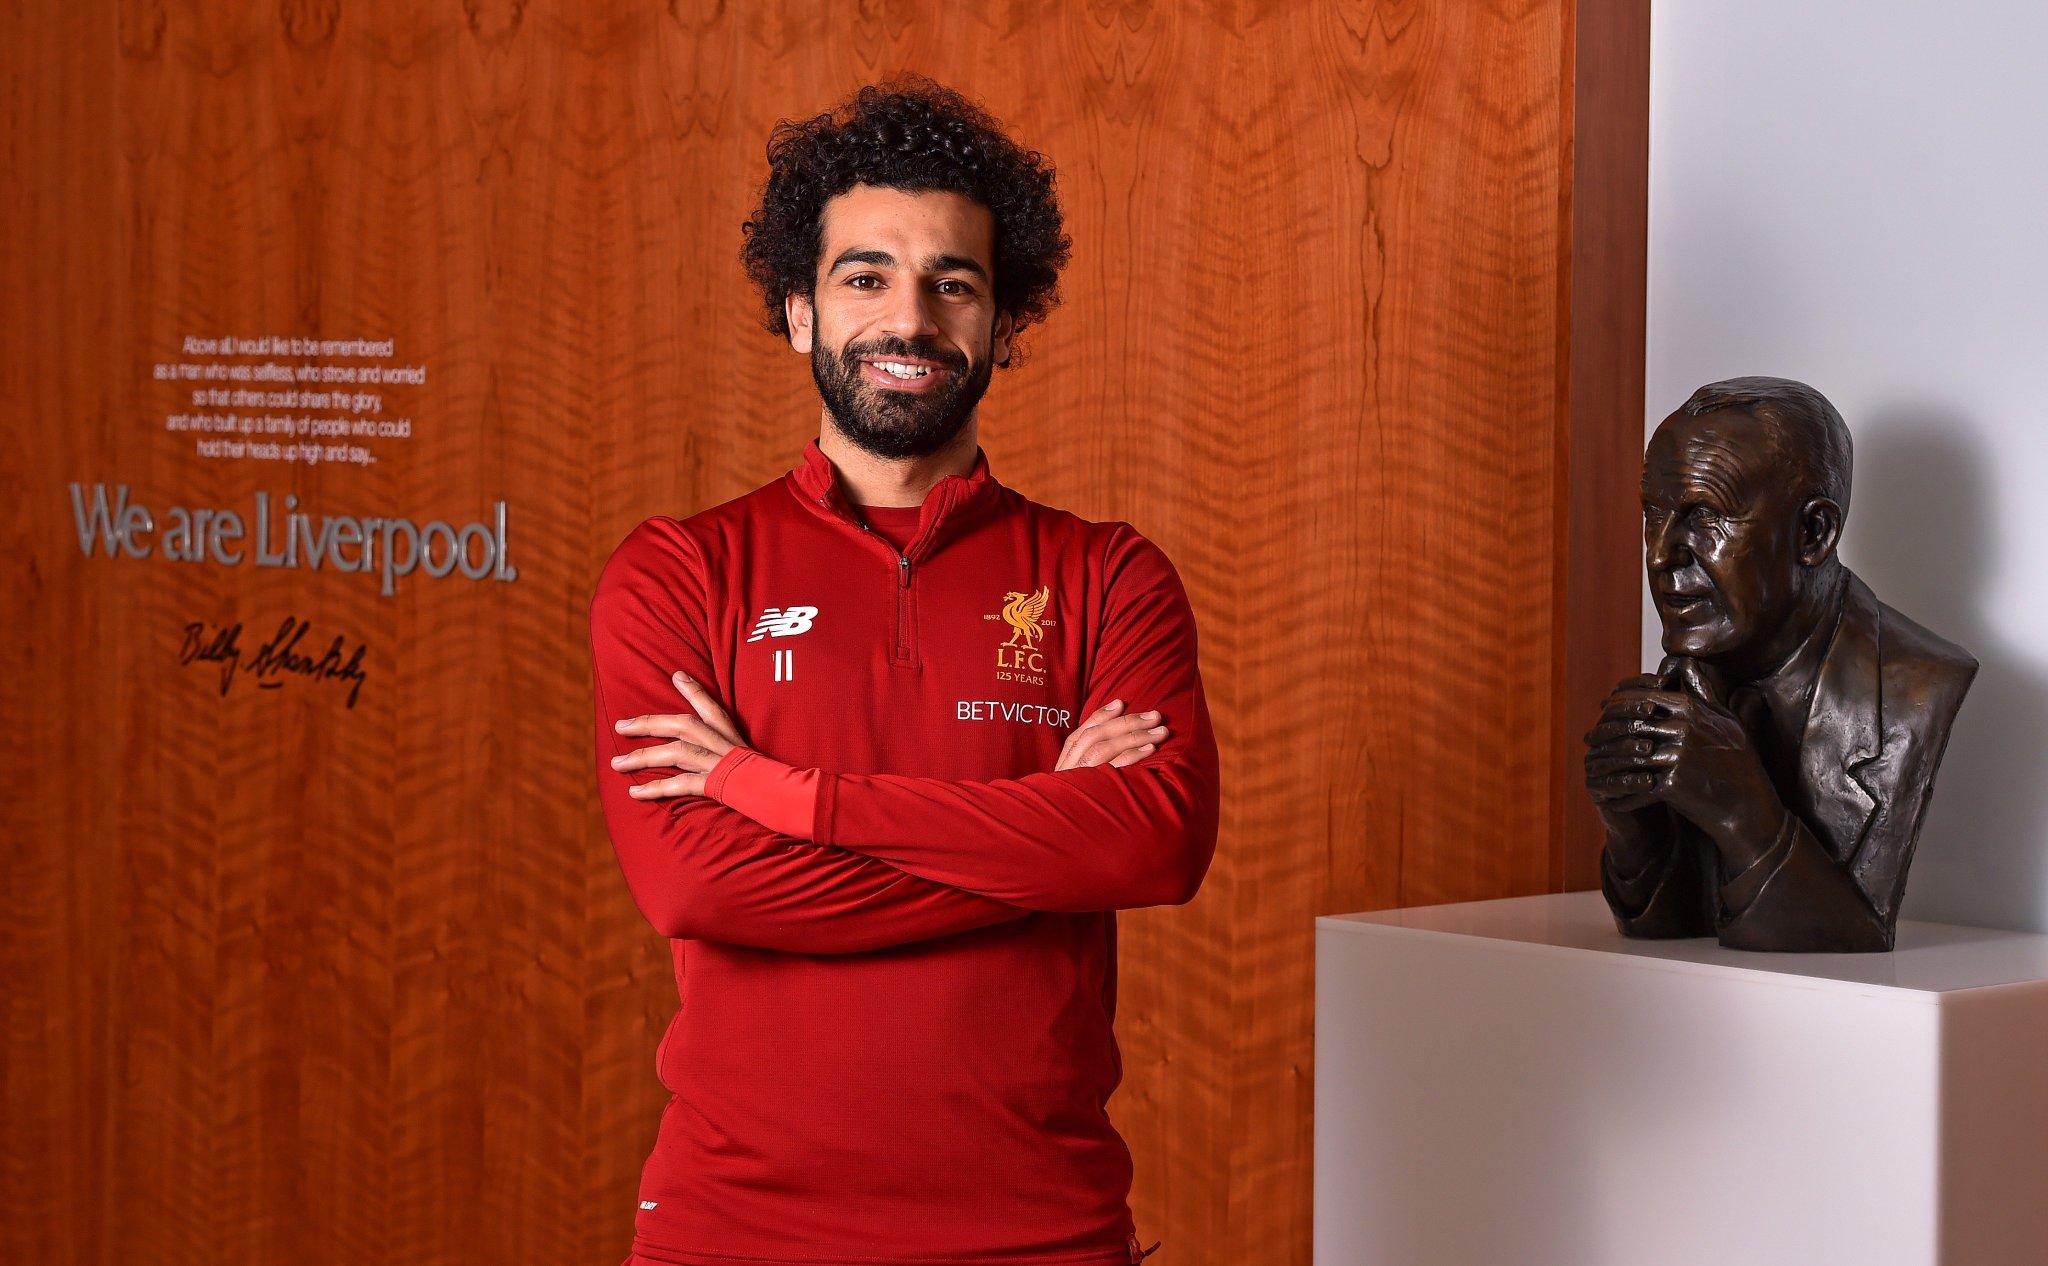 The Mohamed Salah Story ��   Allow @22mosalah to guide you through his career: https://t.co/ZKJkt93yaj  Thread �� https://t.co/zD5gjSkcxL